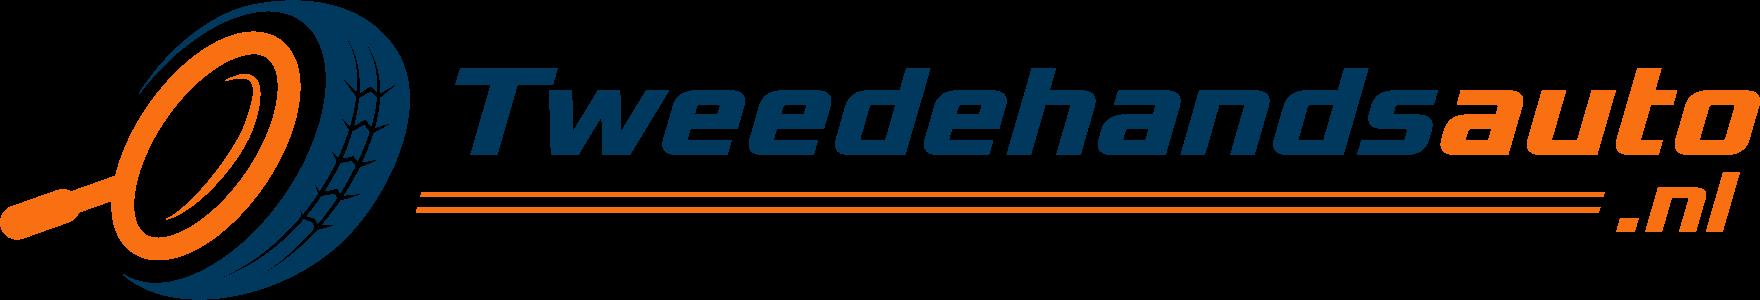 tweedehandsauto.nl